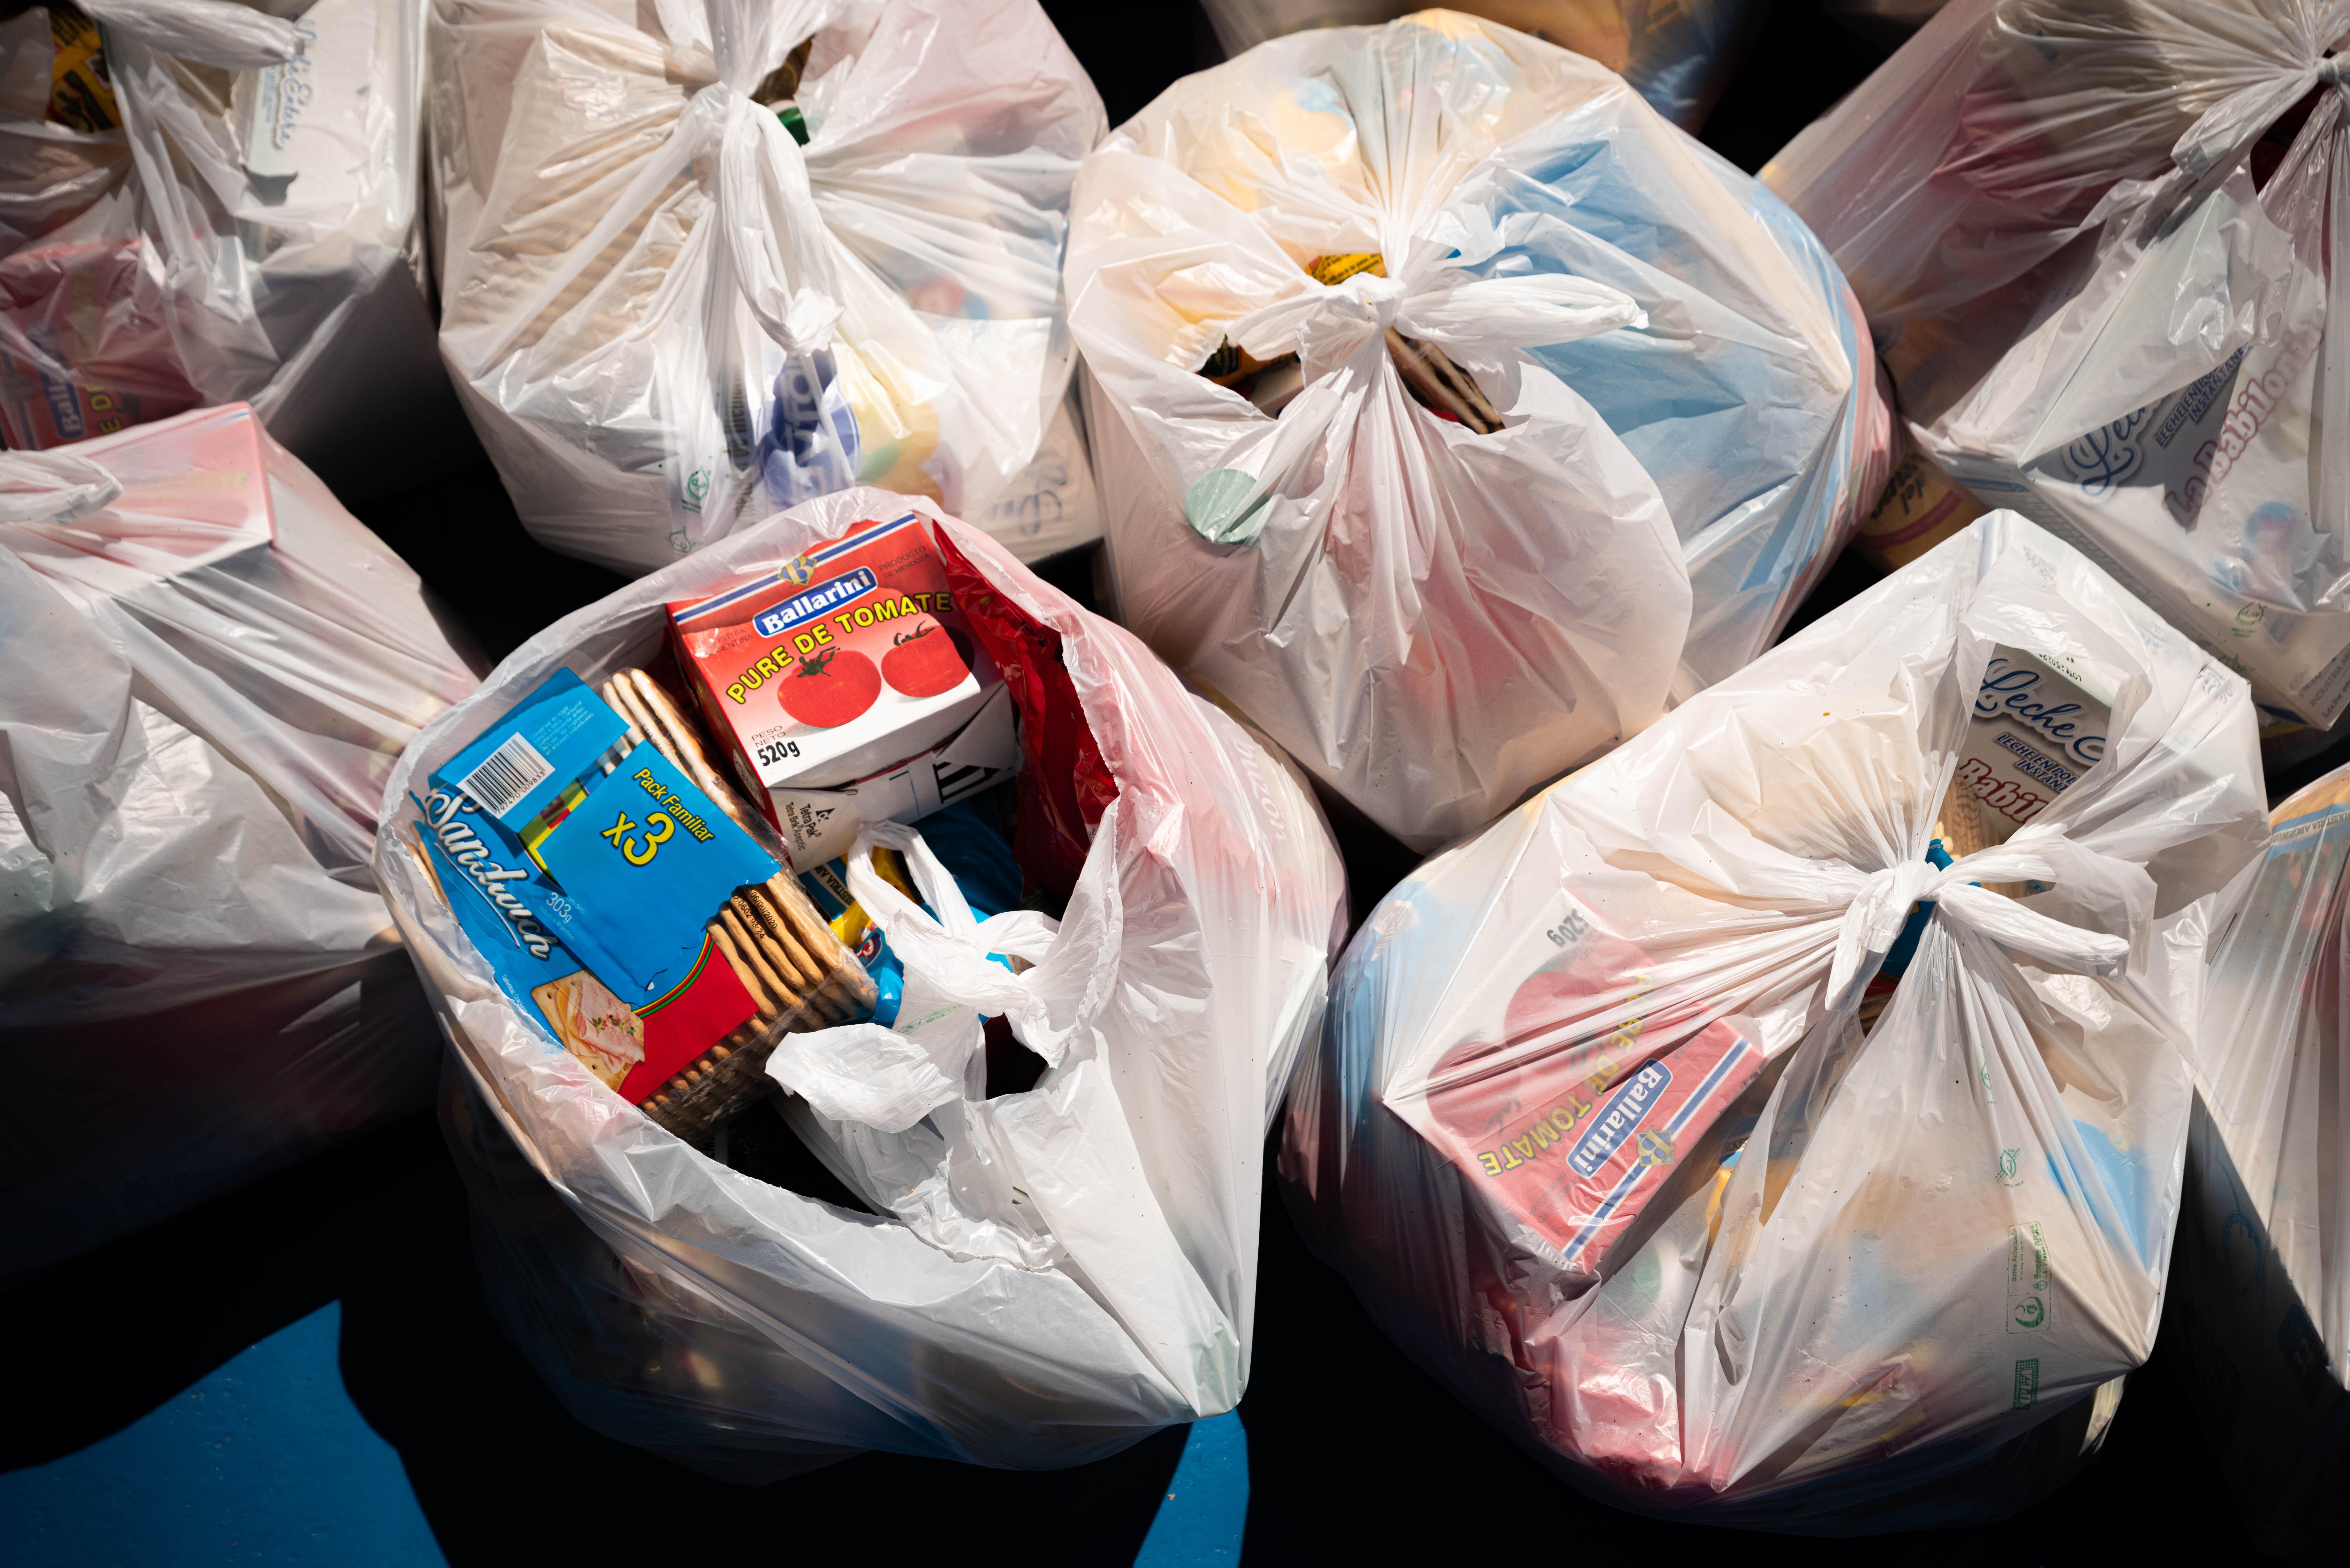 Los kits repartidos entre las familias de sus alumnos tienen alimentos secos. (Foto: Franco Fafasuli)